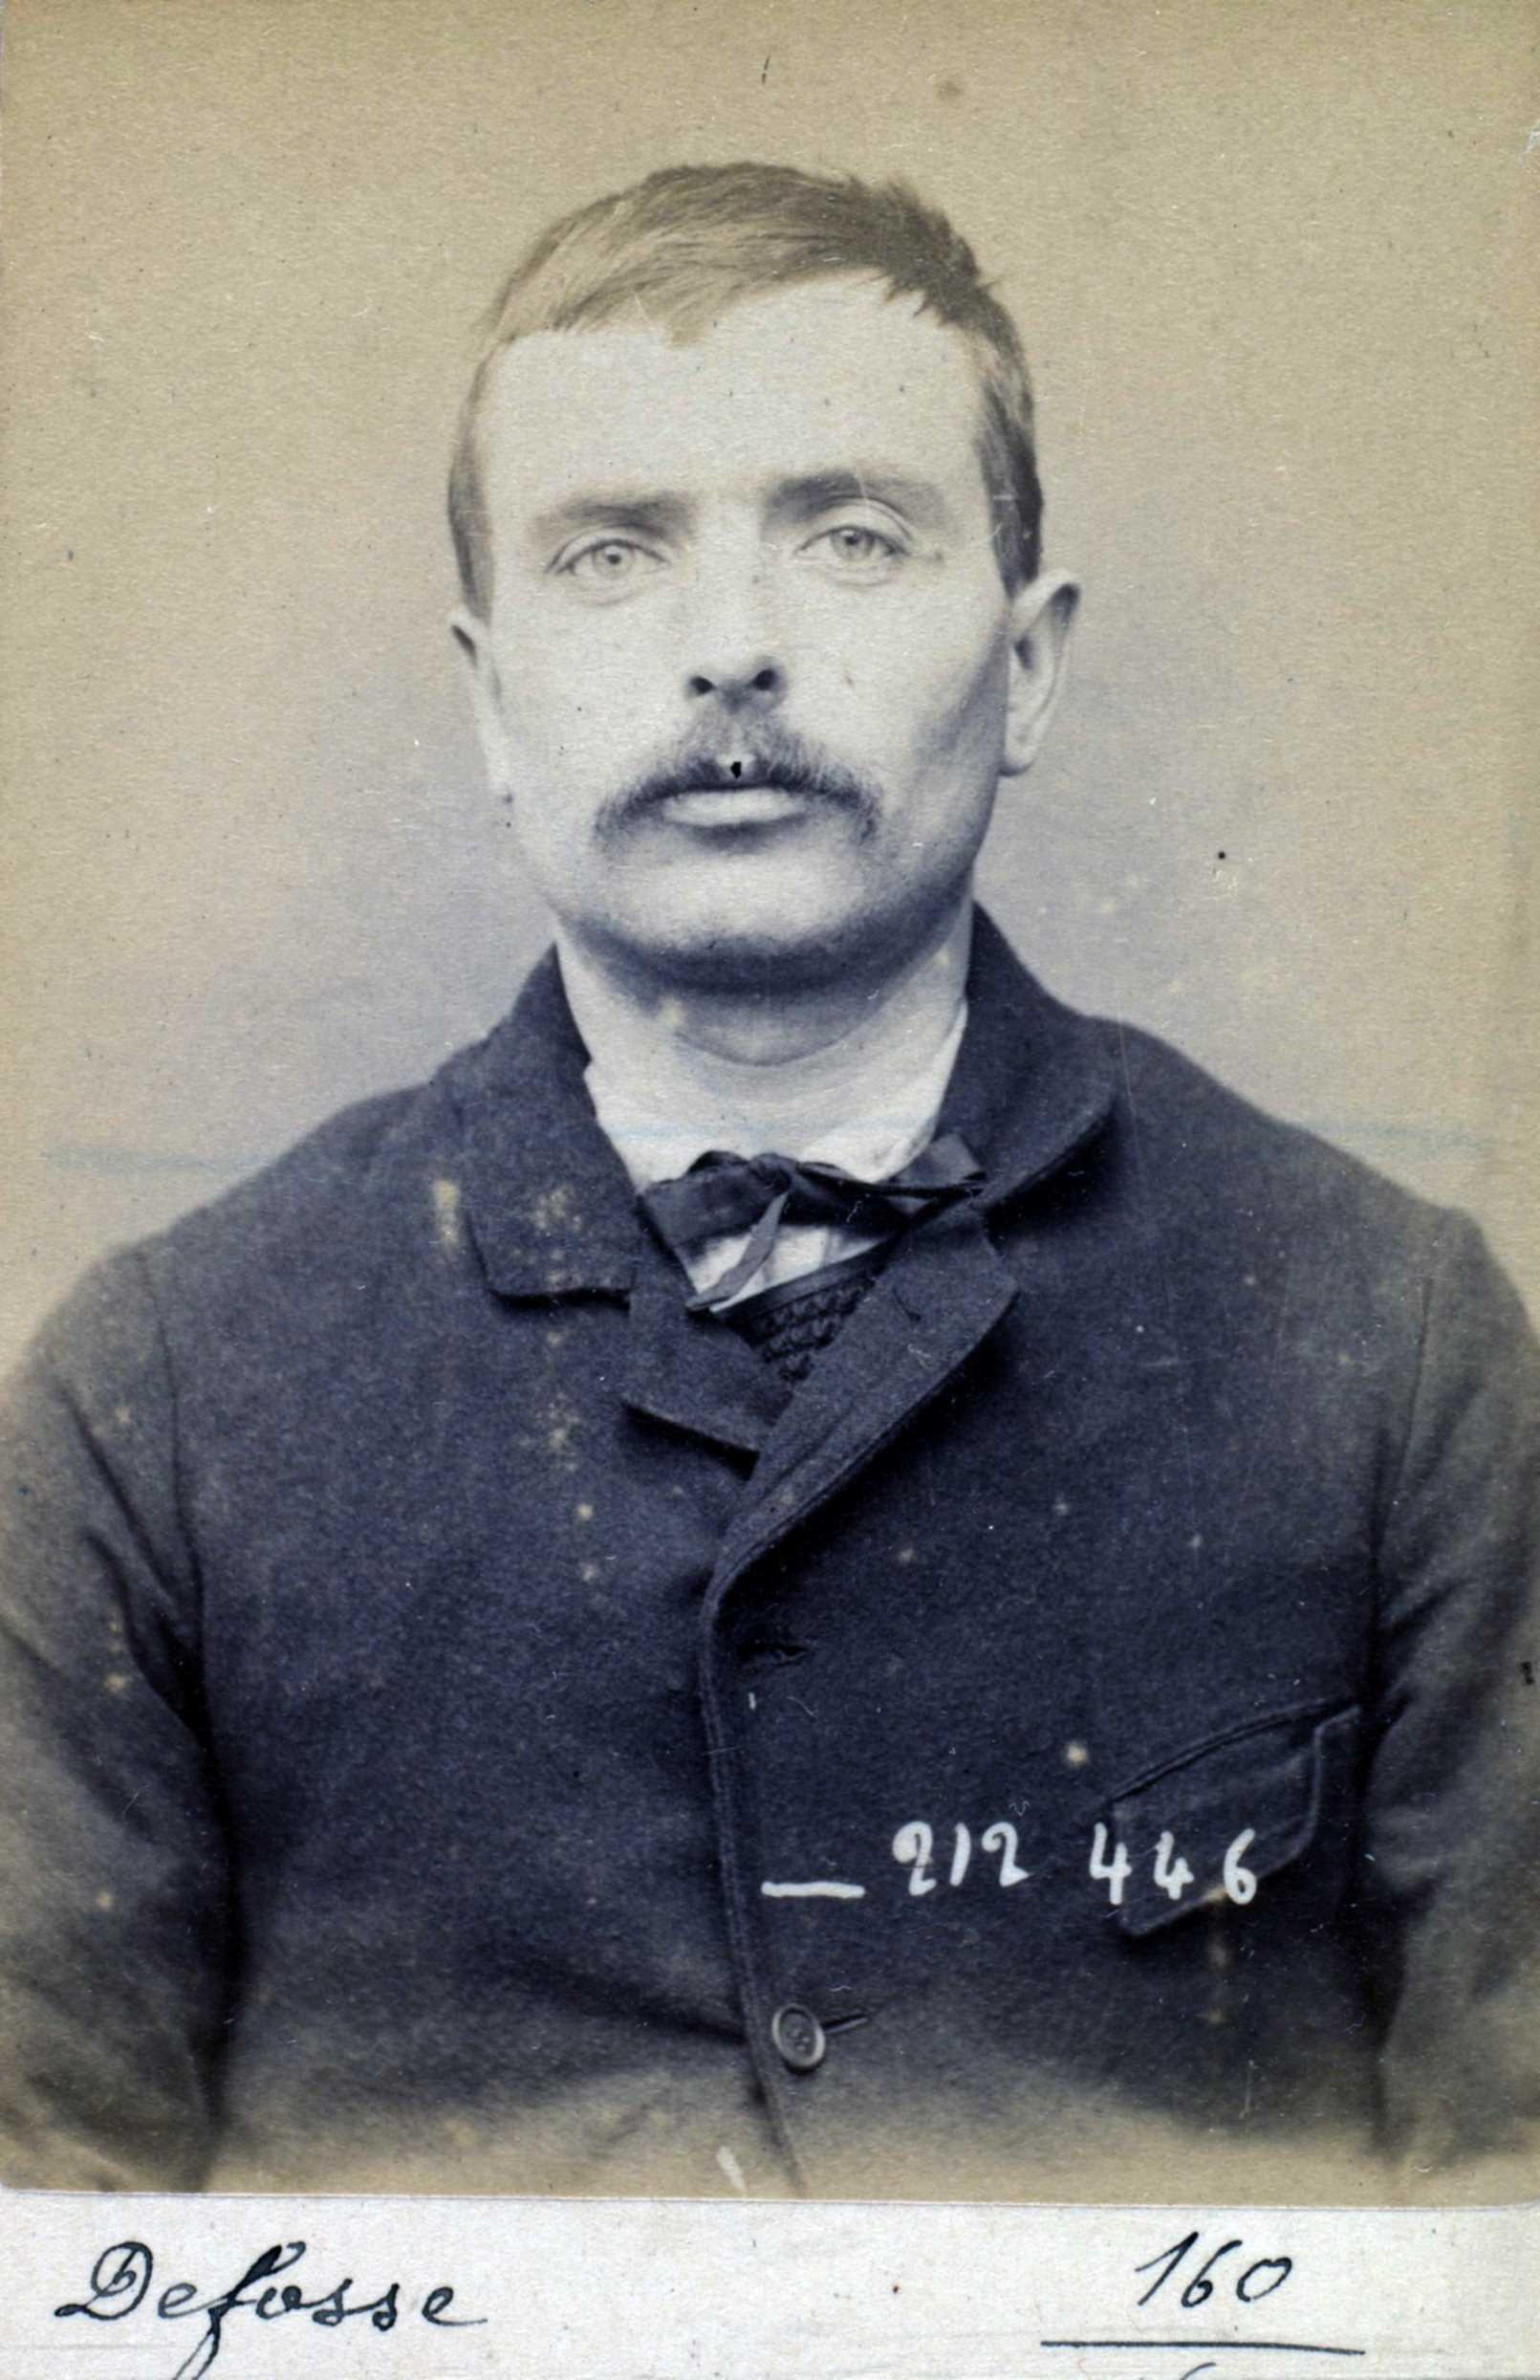 Foto policíaca de Claude Defosse (2 de gener de 1894)